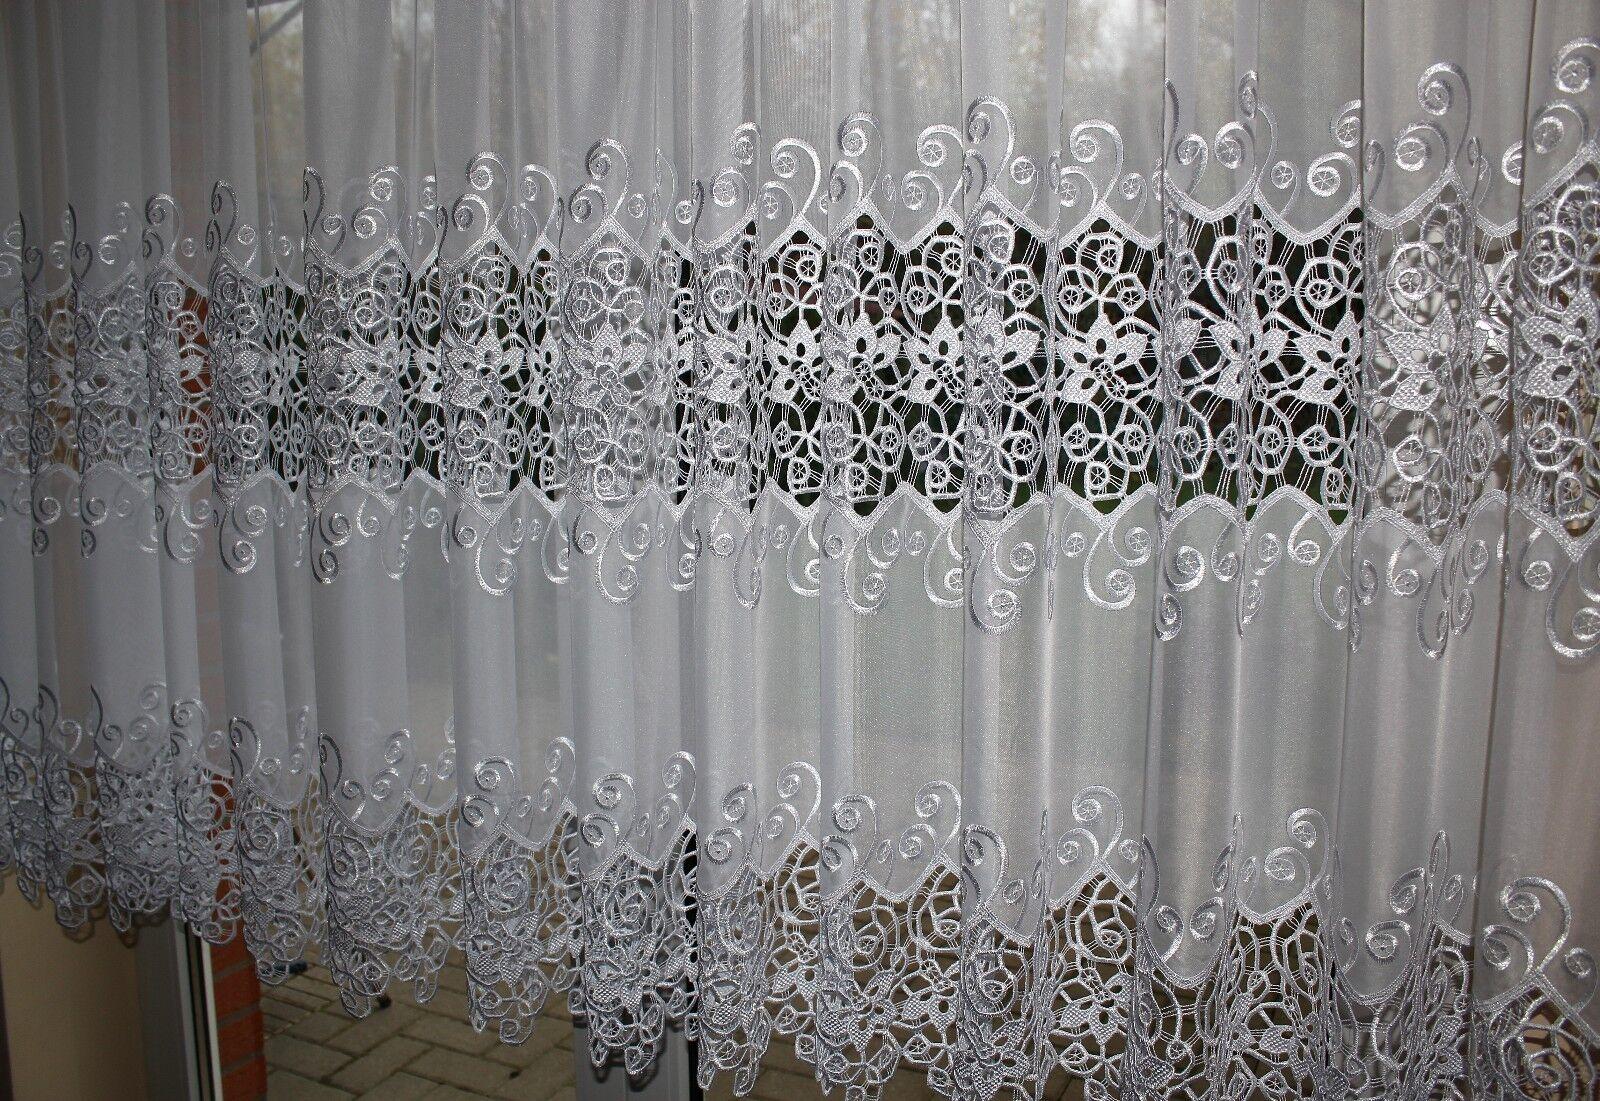 Exclusif rideau, rideau, blanches comme la neige, Plauener broderies, dentelle, broderies, Plauener sur mesure 7f28f7